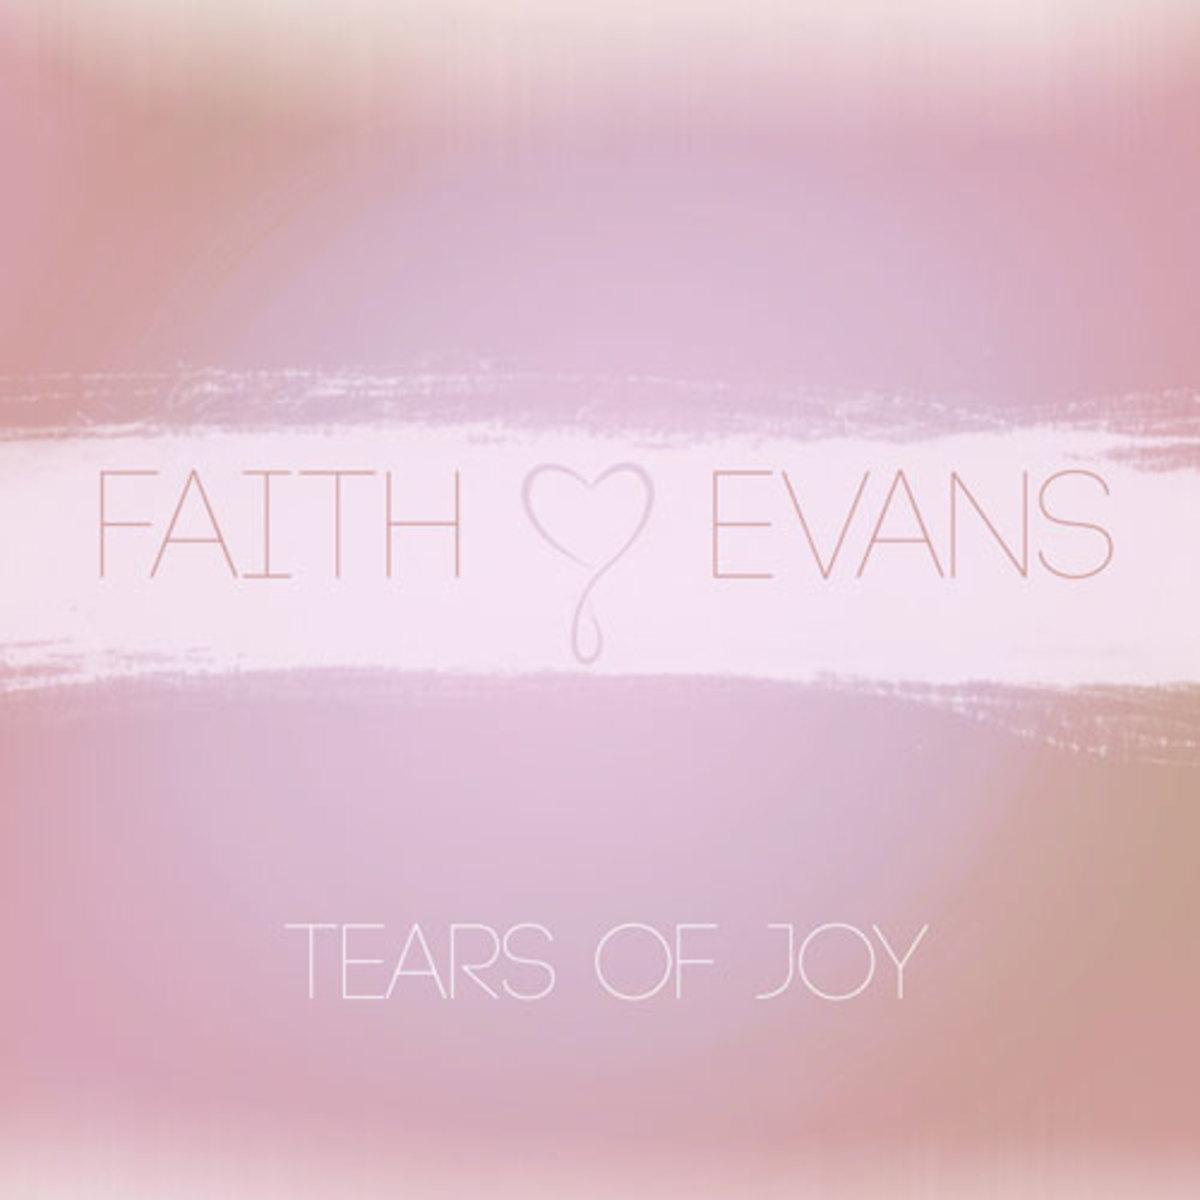 faithevans-tearsofjoy.jpg